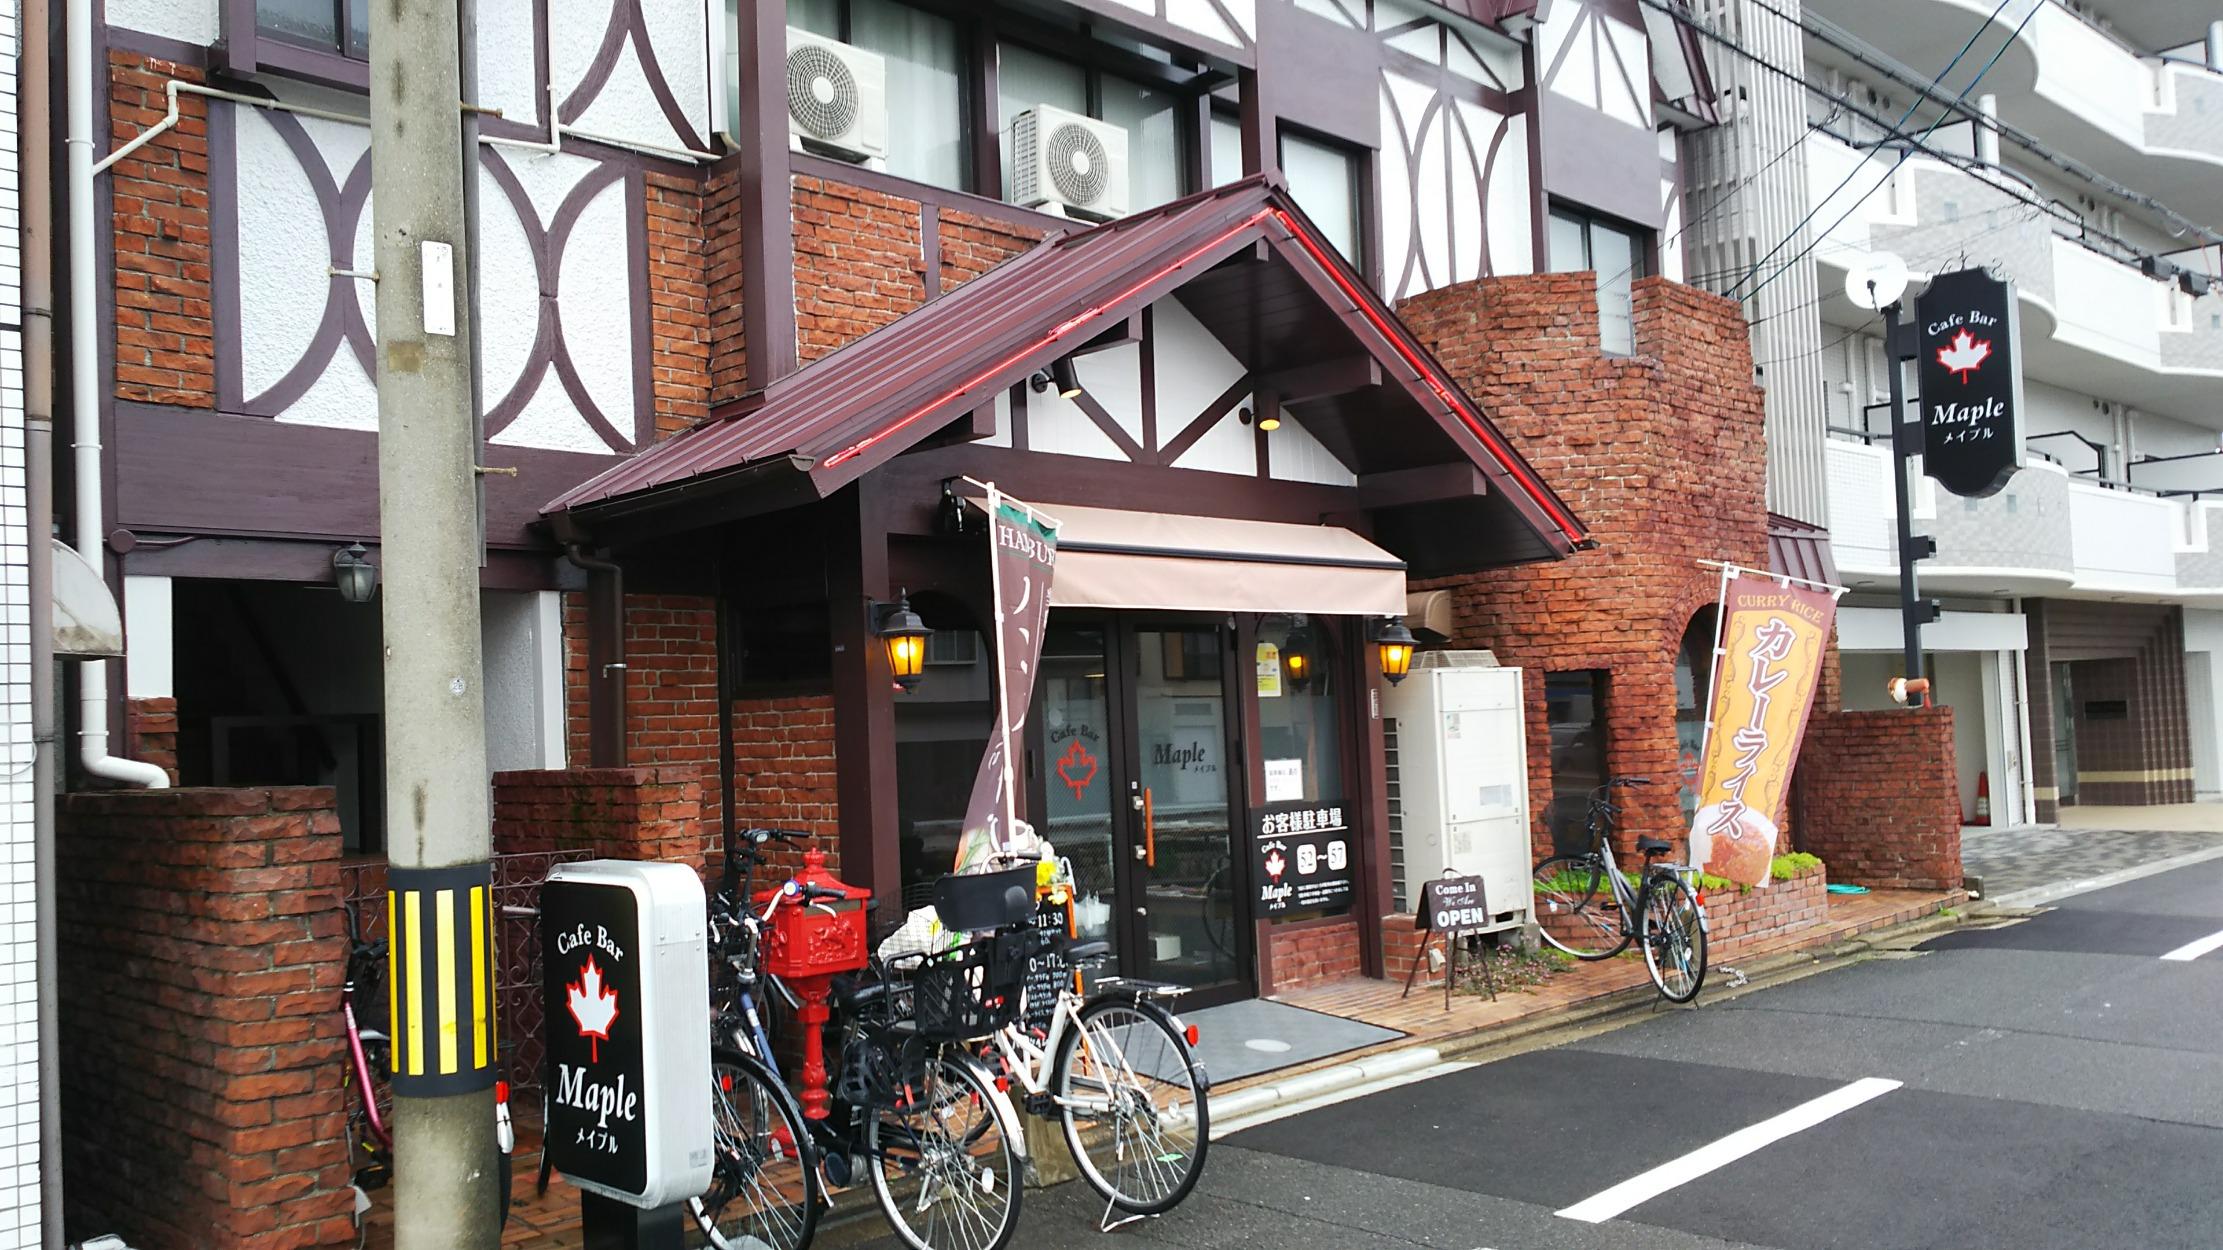 カフェバーメイプル(京都市下京区/カフェ)